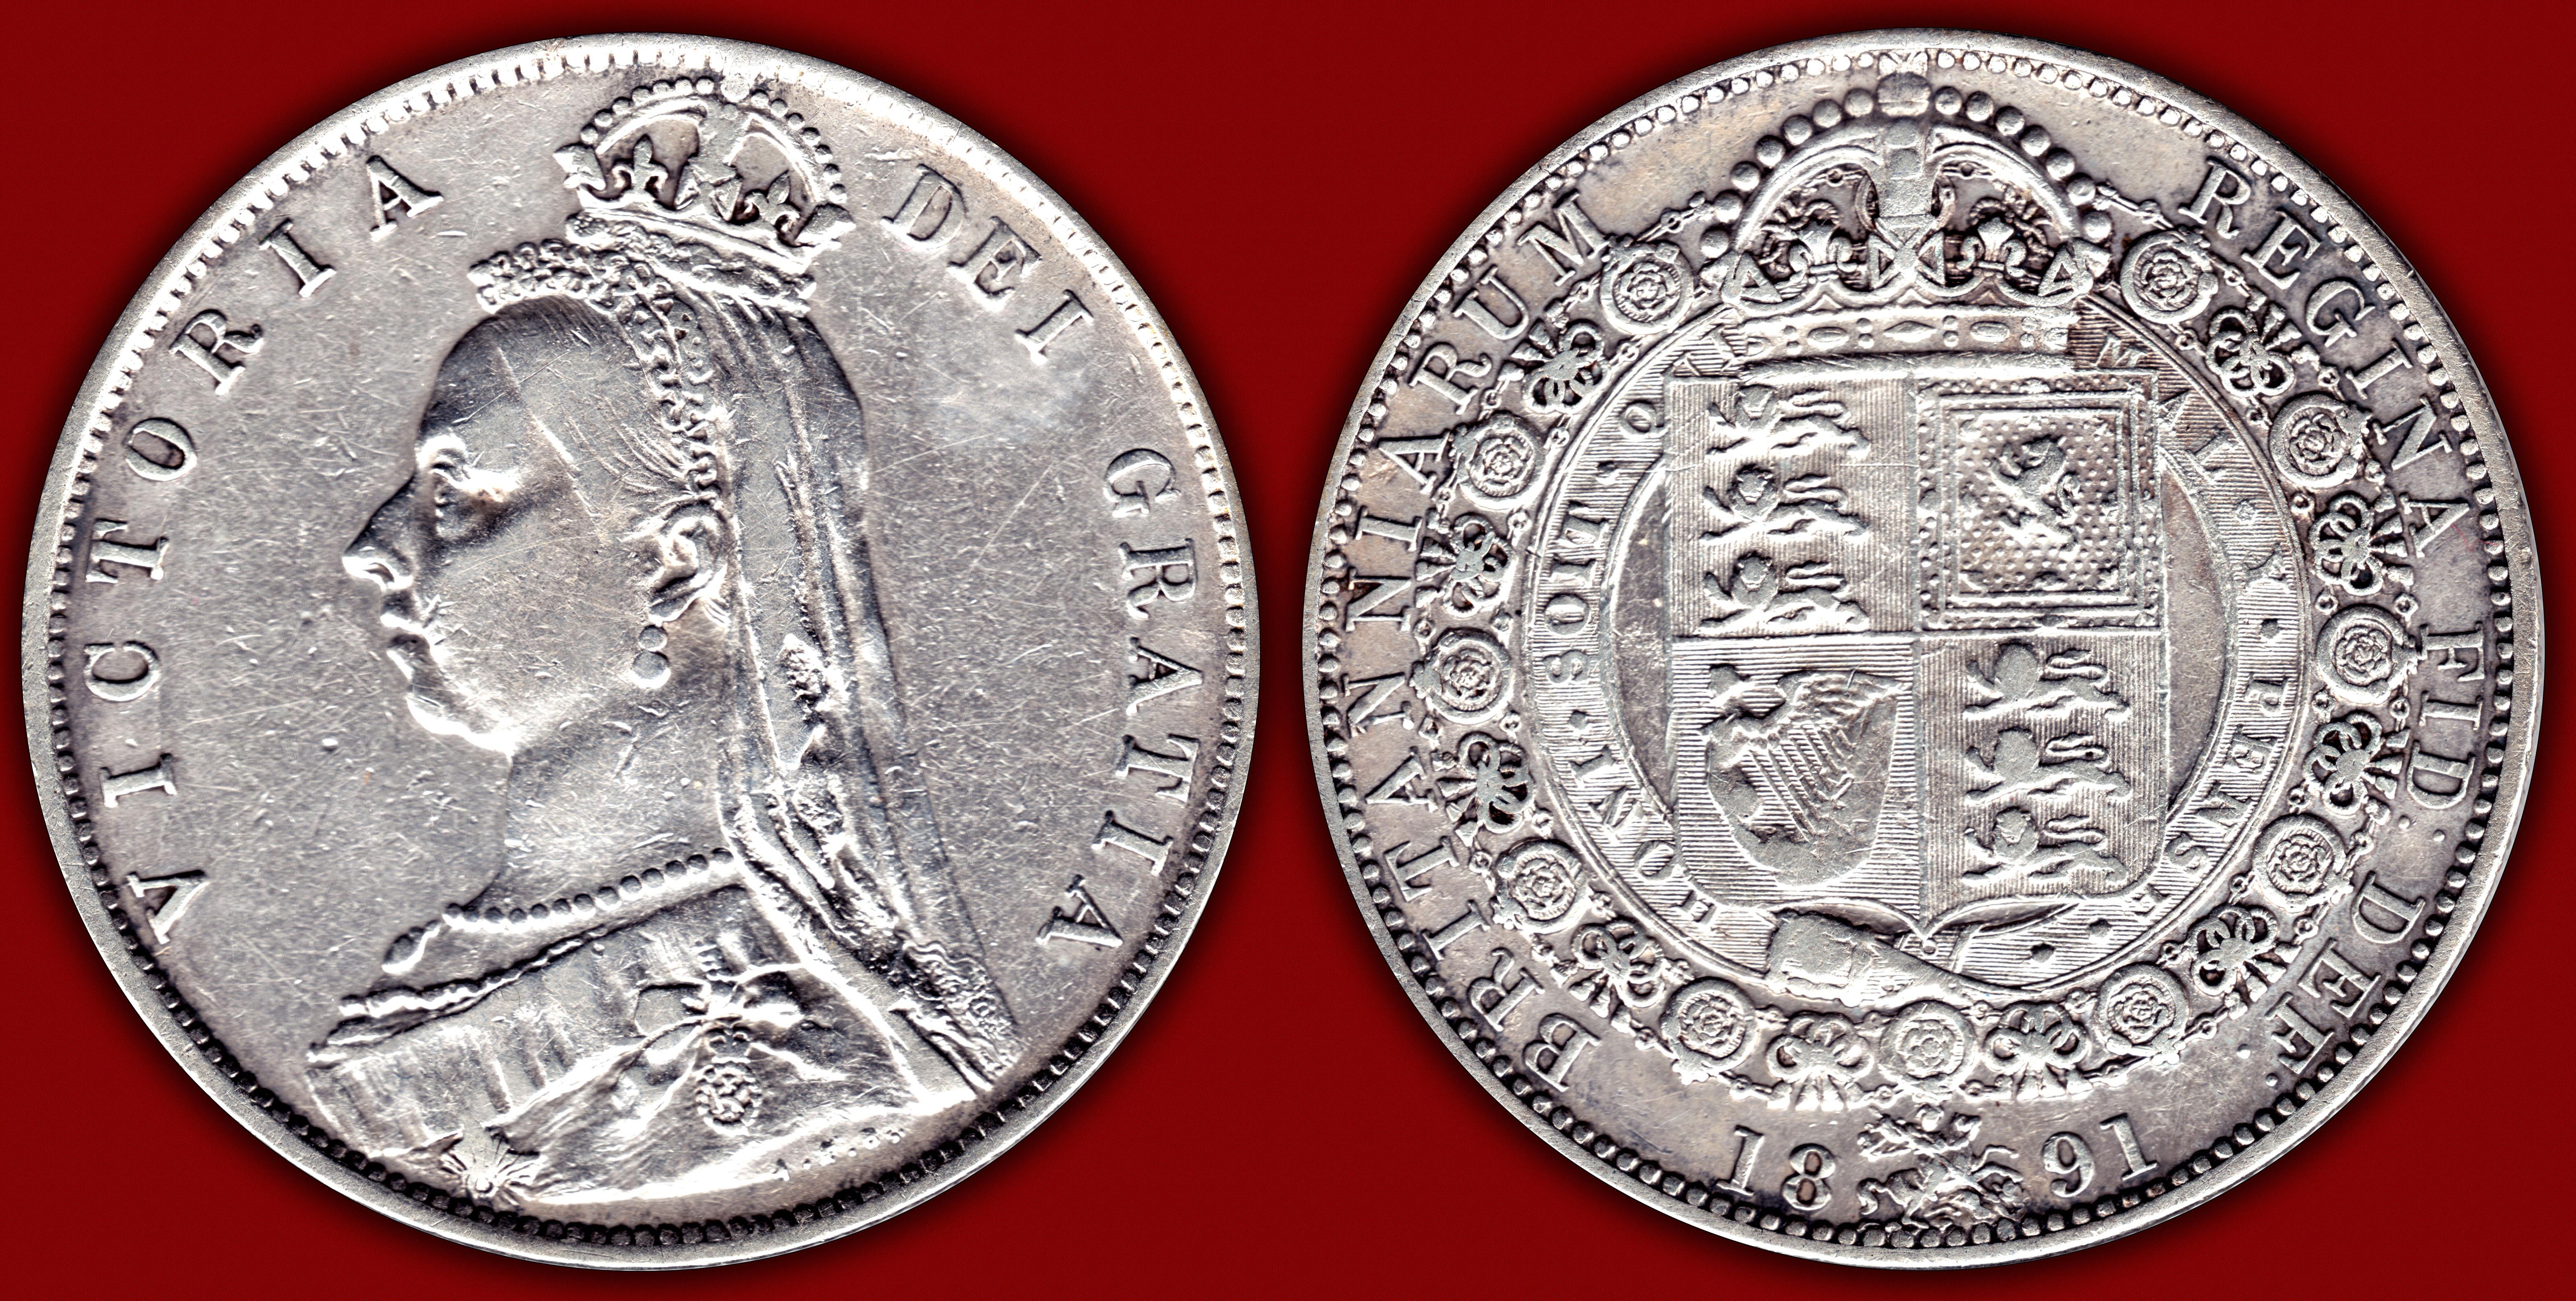 Gran Bretaña 1891 - Media Corona - Jubileo de la Reina Victoria 11737148233_2951174299_o